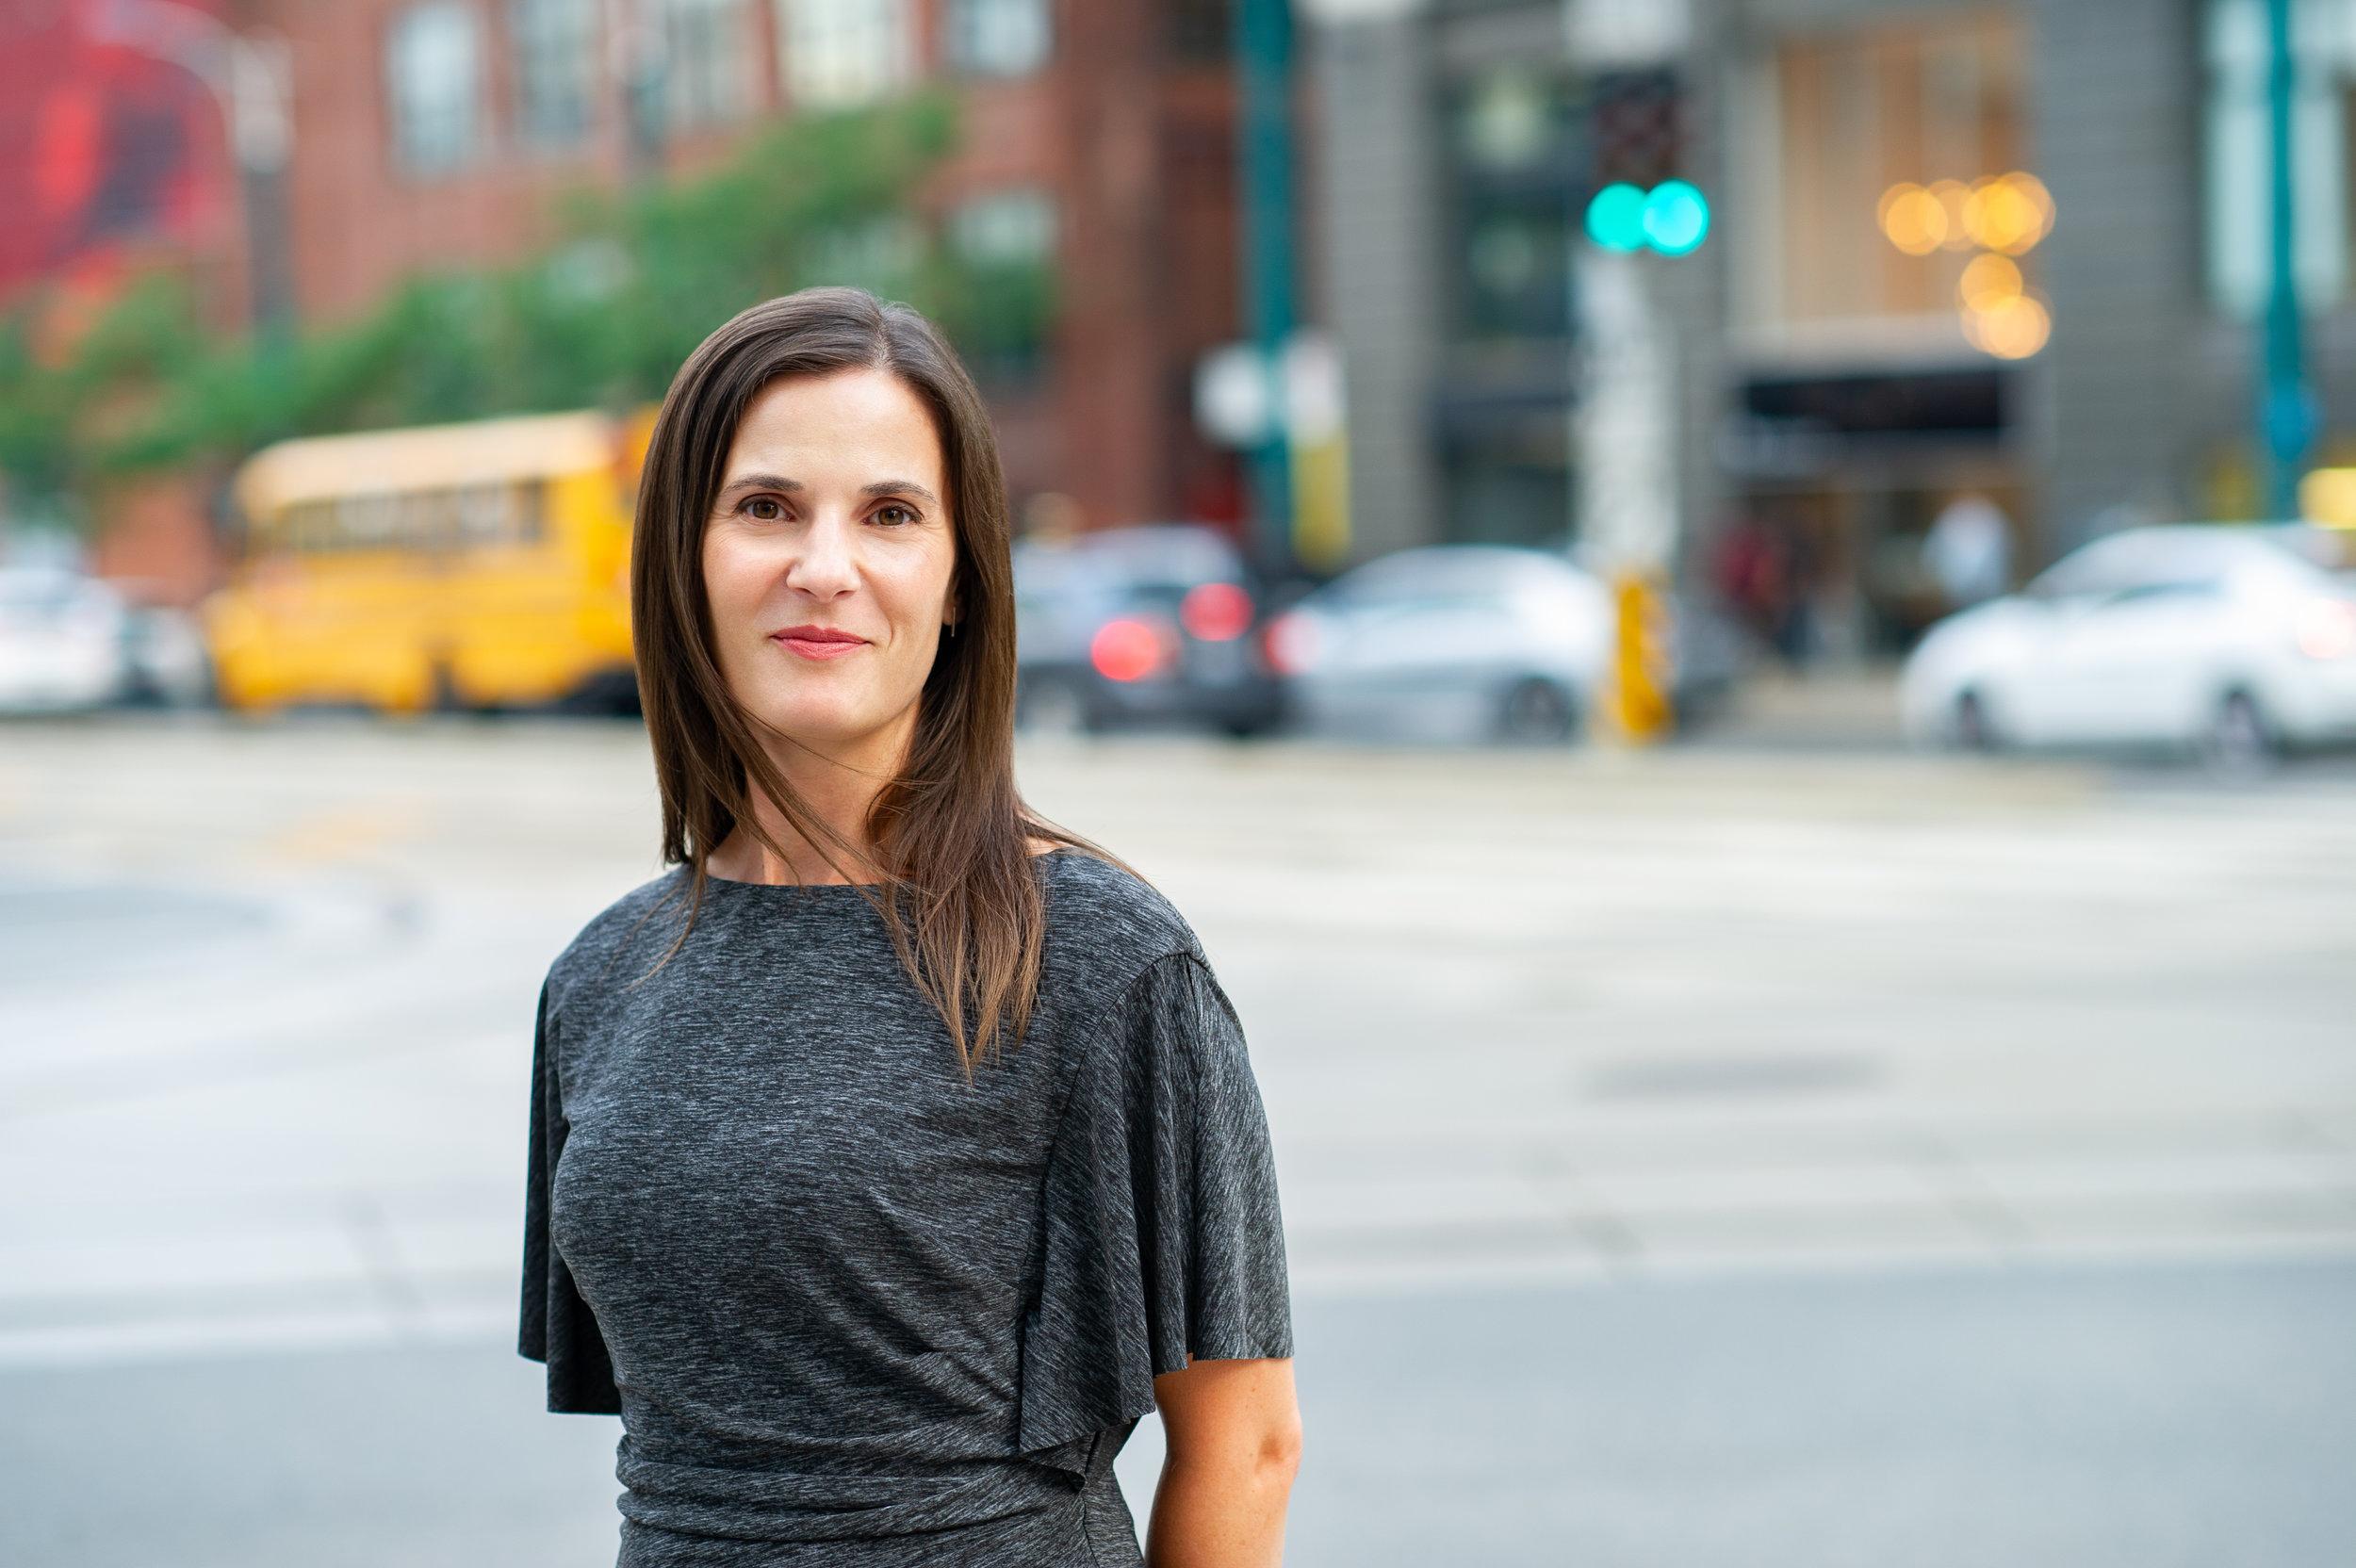 Melanie Rank - Quadrangle ArchitectsB.Arch., M. Arch, OAA, LEED AP